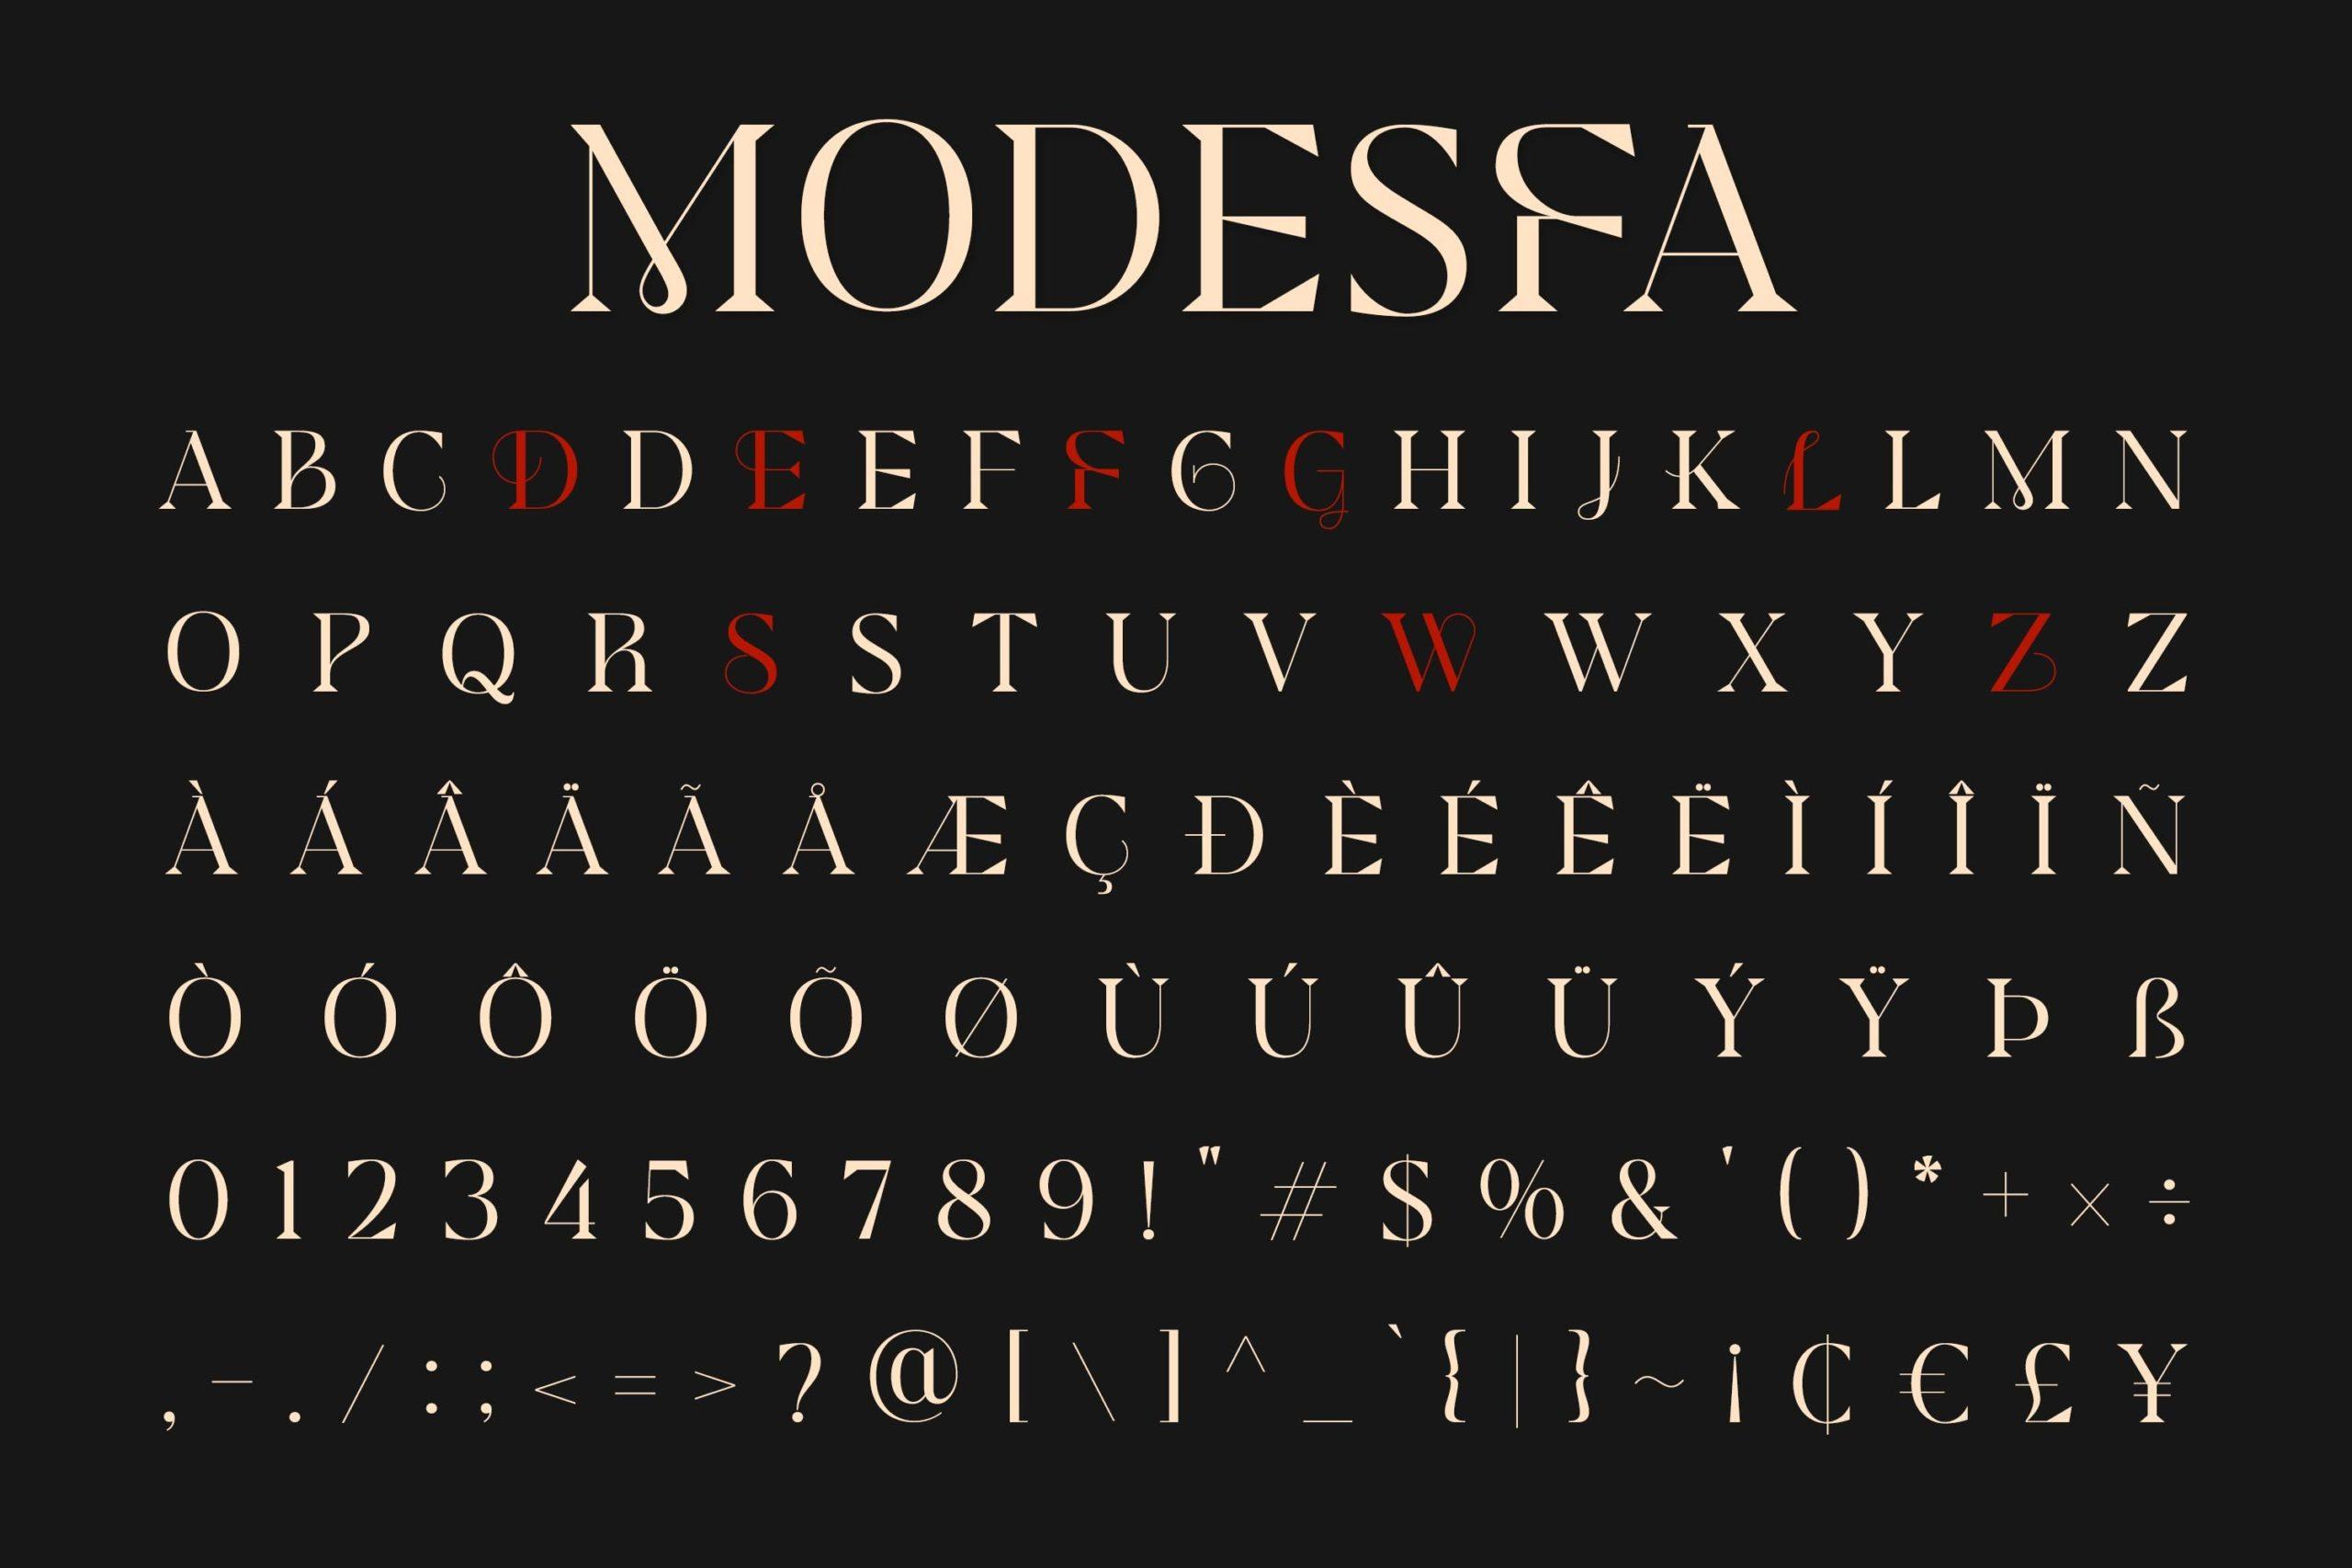 现代极简杂志画册标题徽标Logo设计衬线英文字体素材 Modesfa – Modern Display Serif插图9